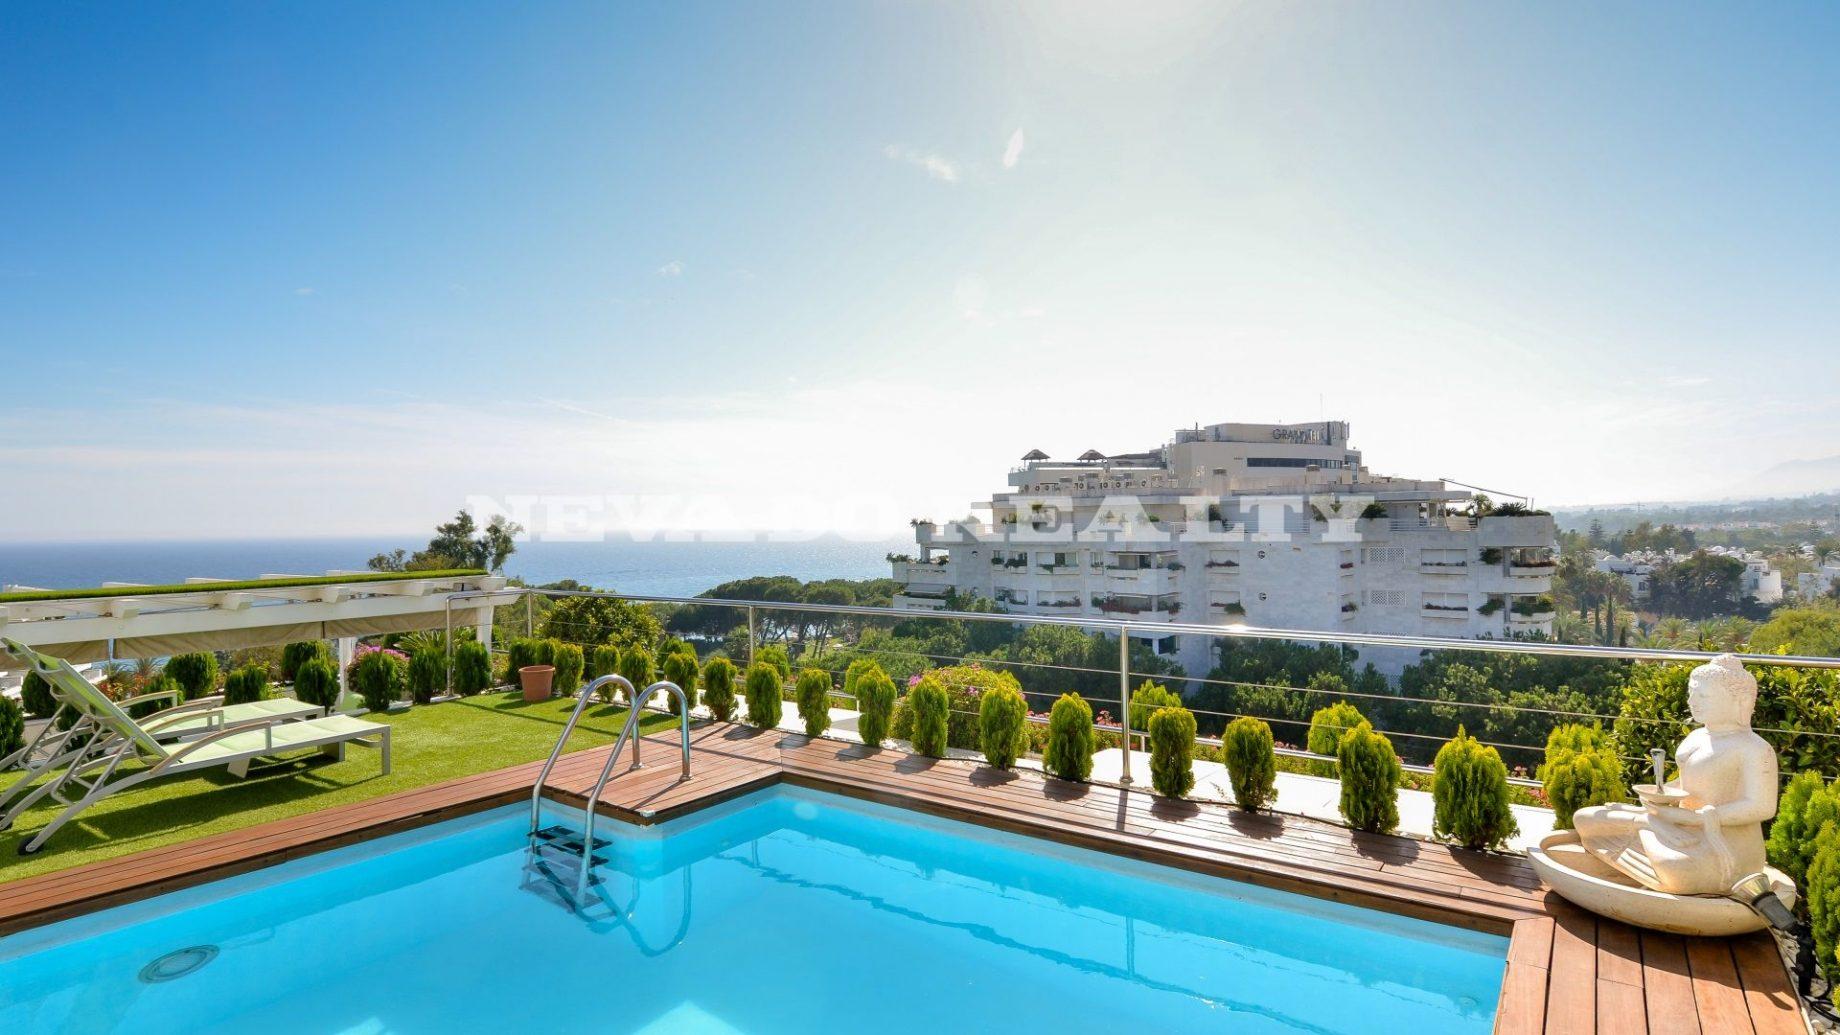 Penthouse de luxe exclusif à vendre dans le centre de Marbella